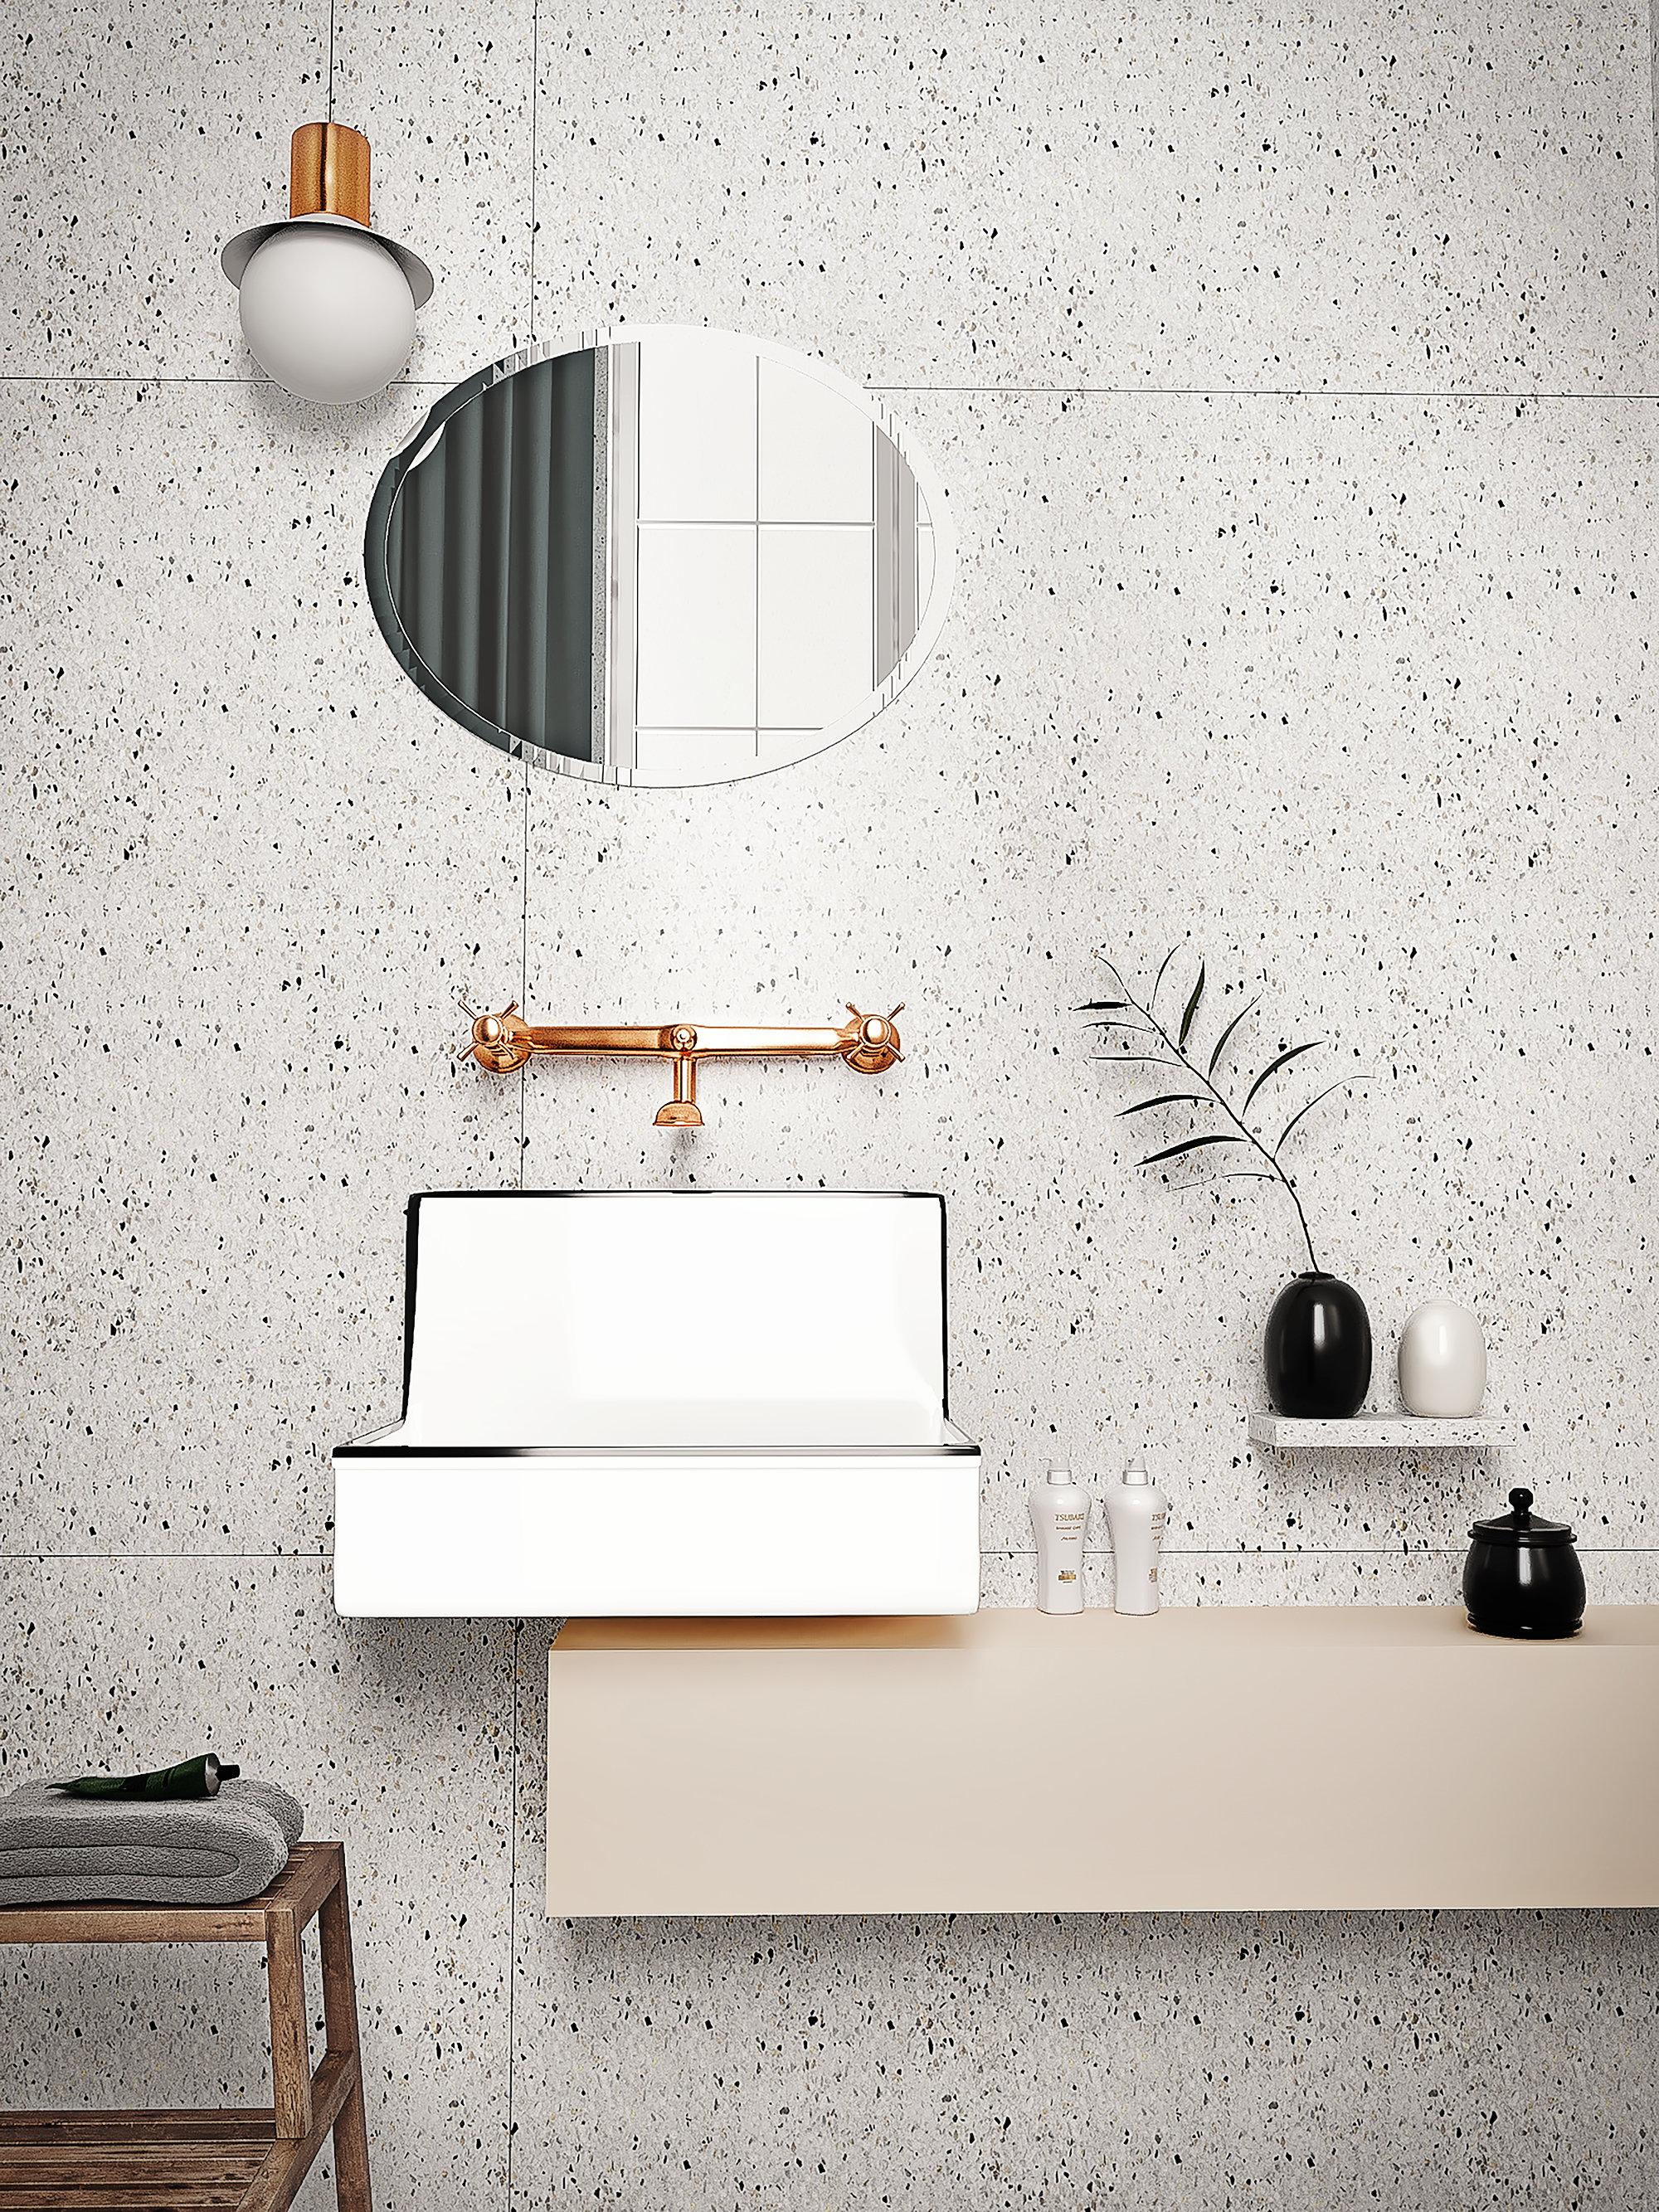 Salle De Bain Blanc Gris Et Noir ~ La Salle De Bain Terrazzo Inspiration Style Contemporain